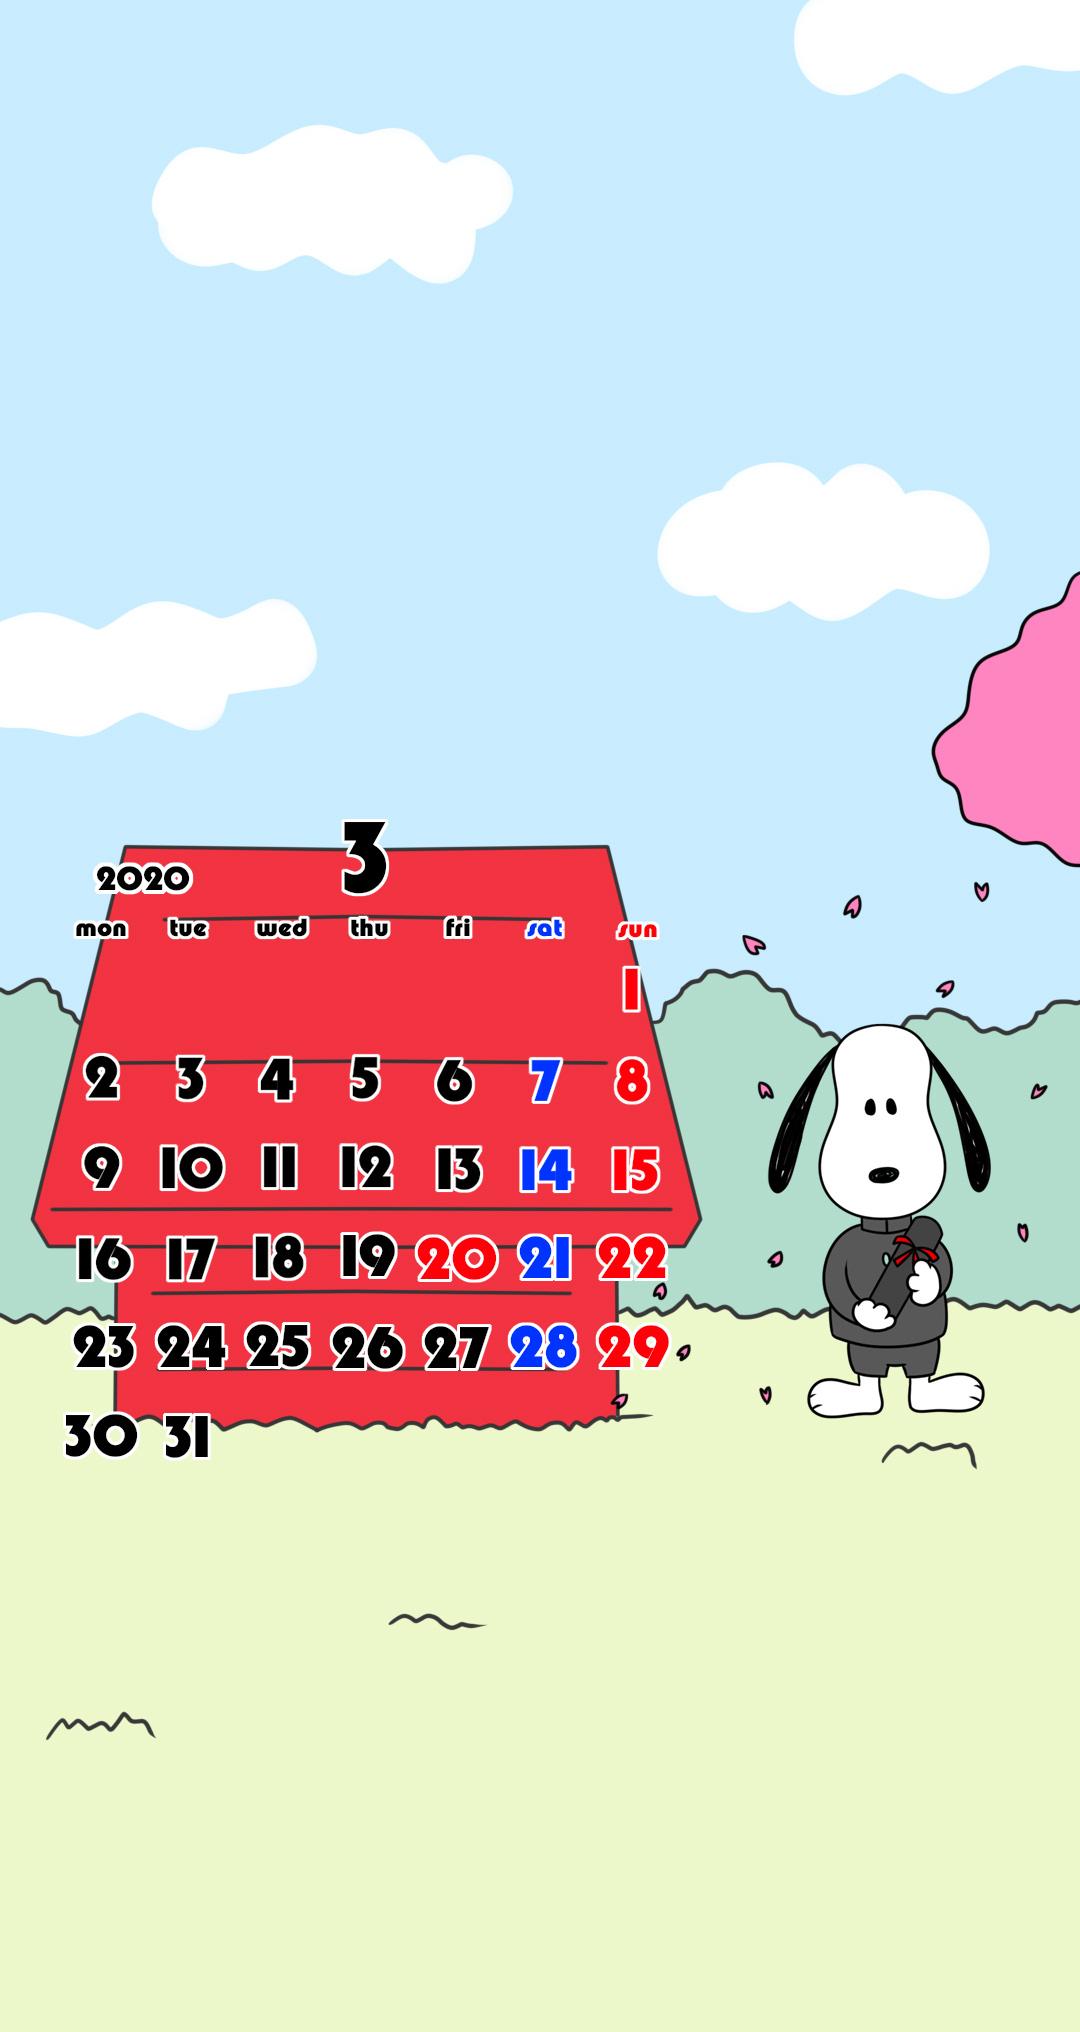 スヌーピー 待ち受けカレンダー 2020年3月 Android用 月曜始まり